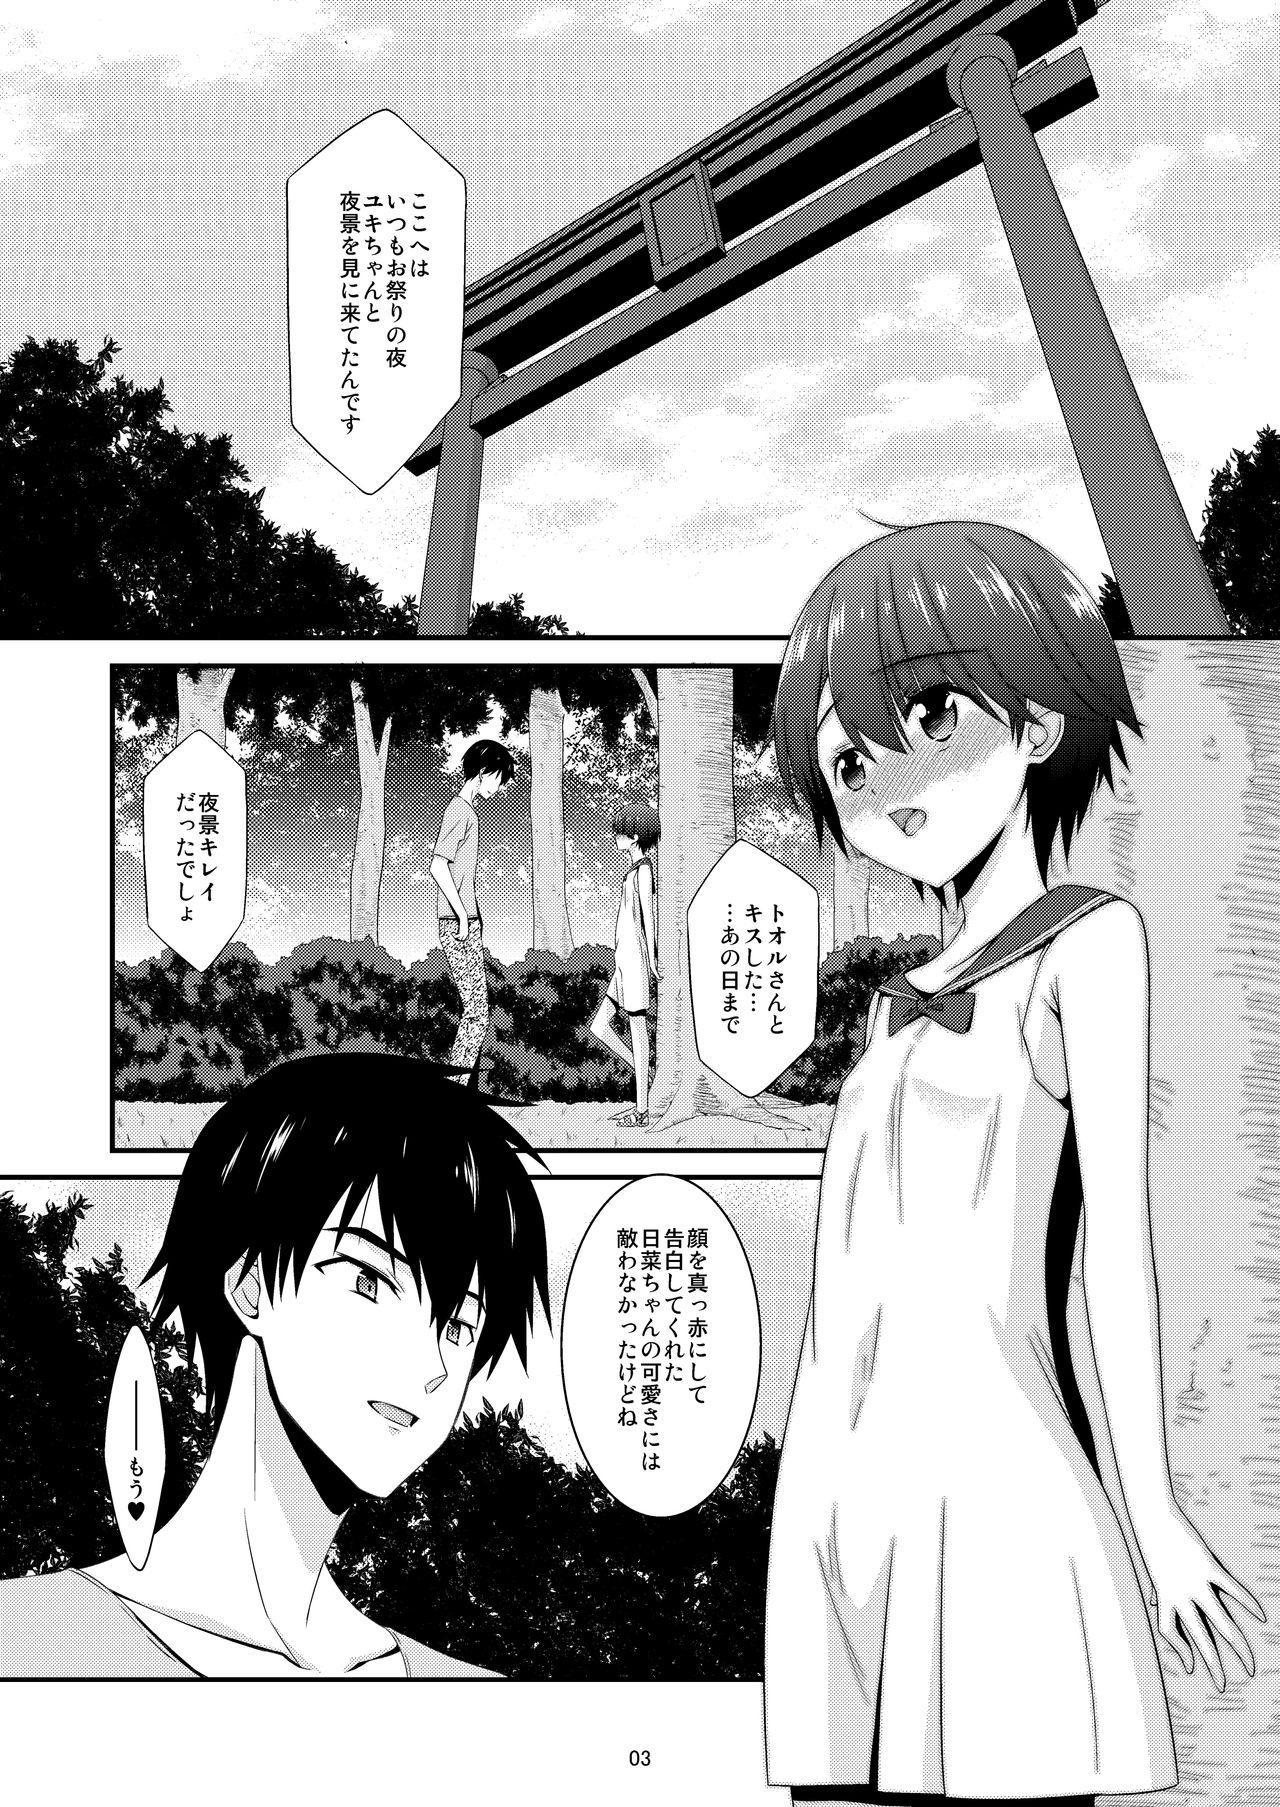 Anoko ga Aitsu no Omocha ni Natta Hi Kanzaki Hina Hen AFTER 2